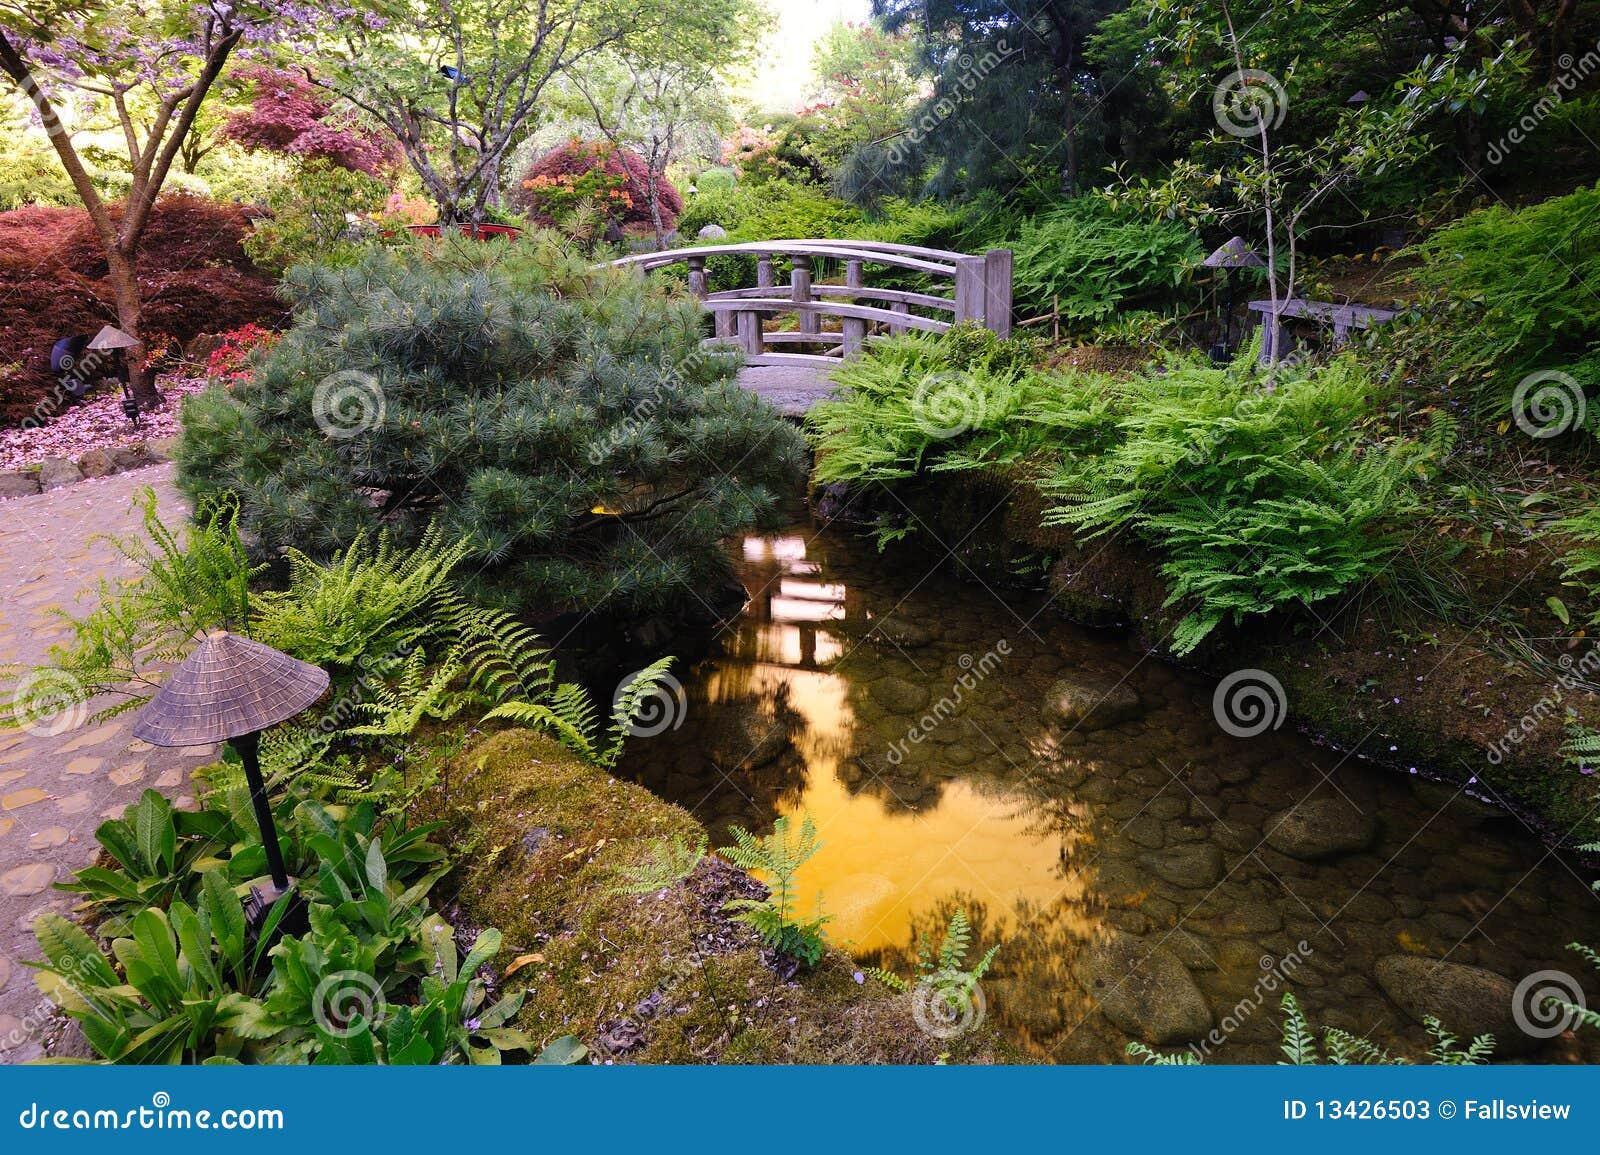 japanischer gartenteich stockfotos - bild: 13426503, Garten ideen